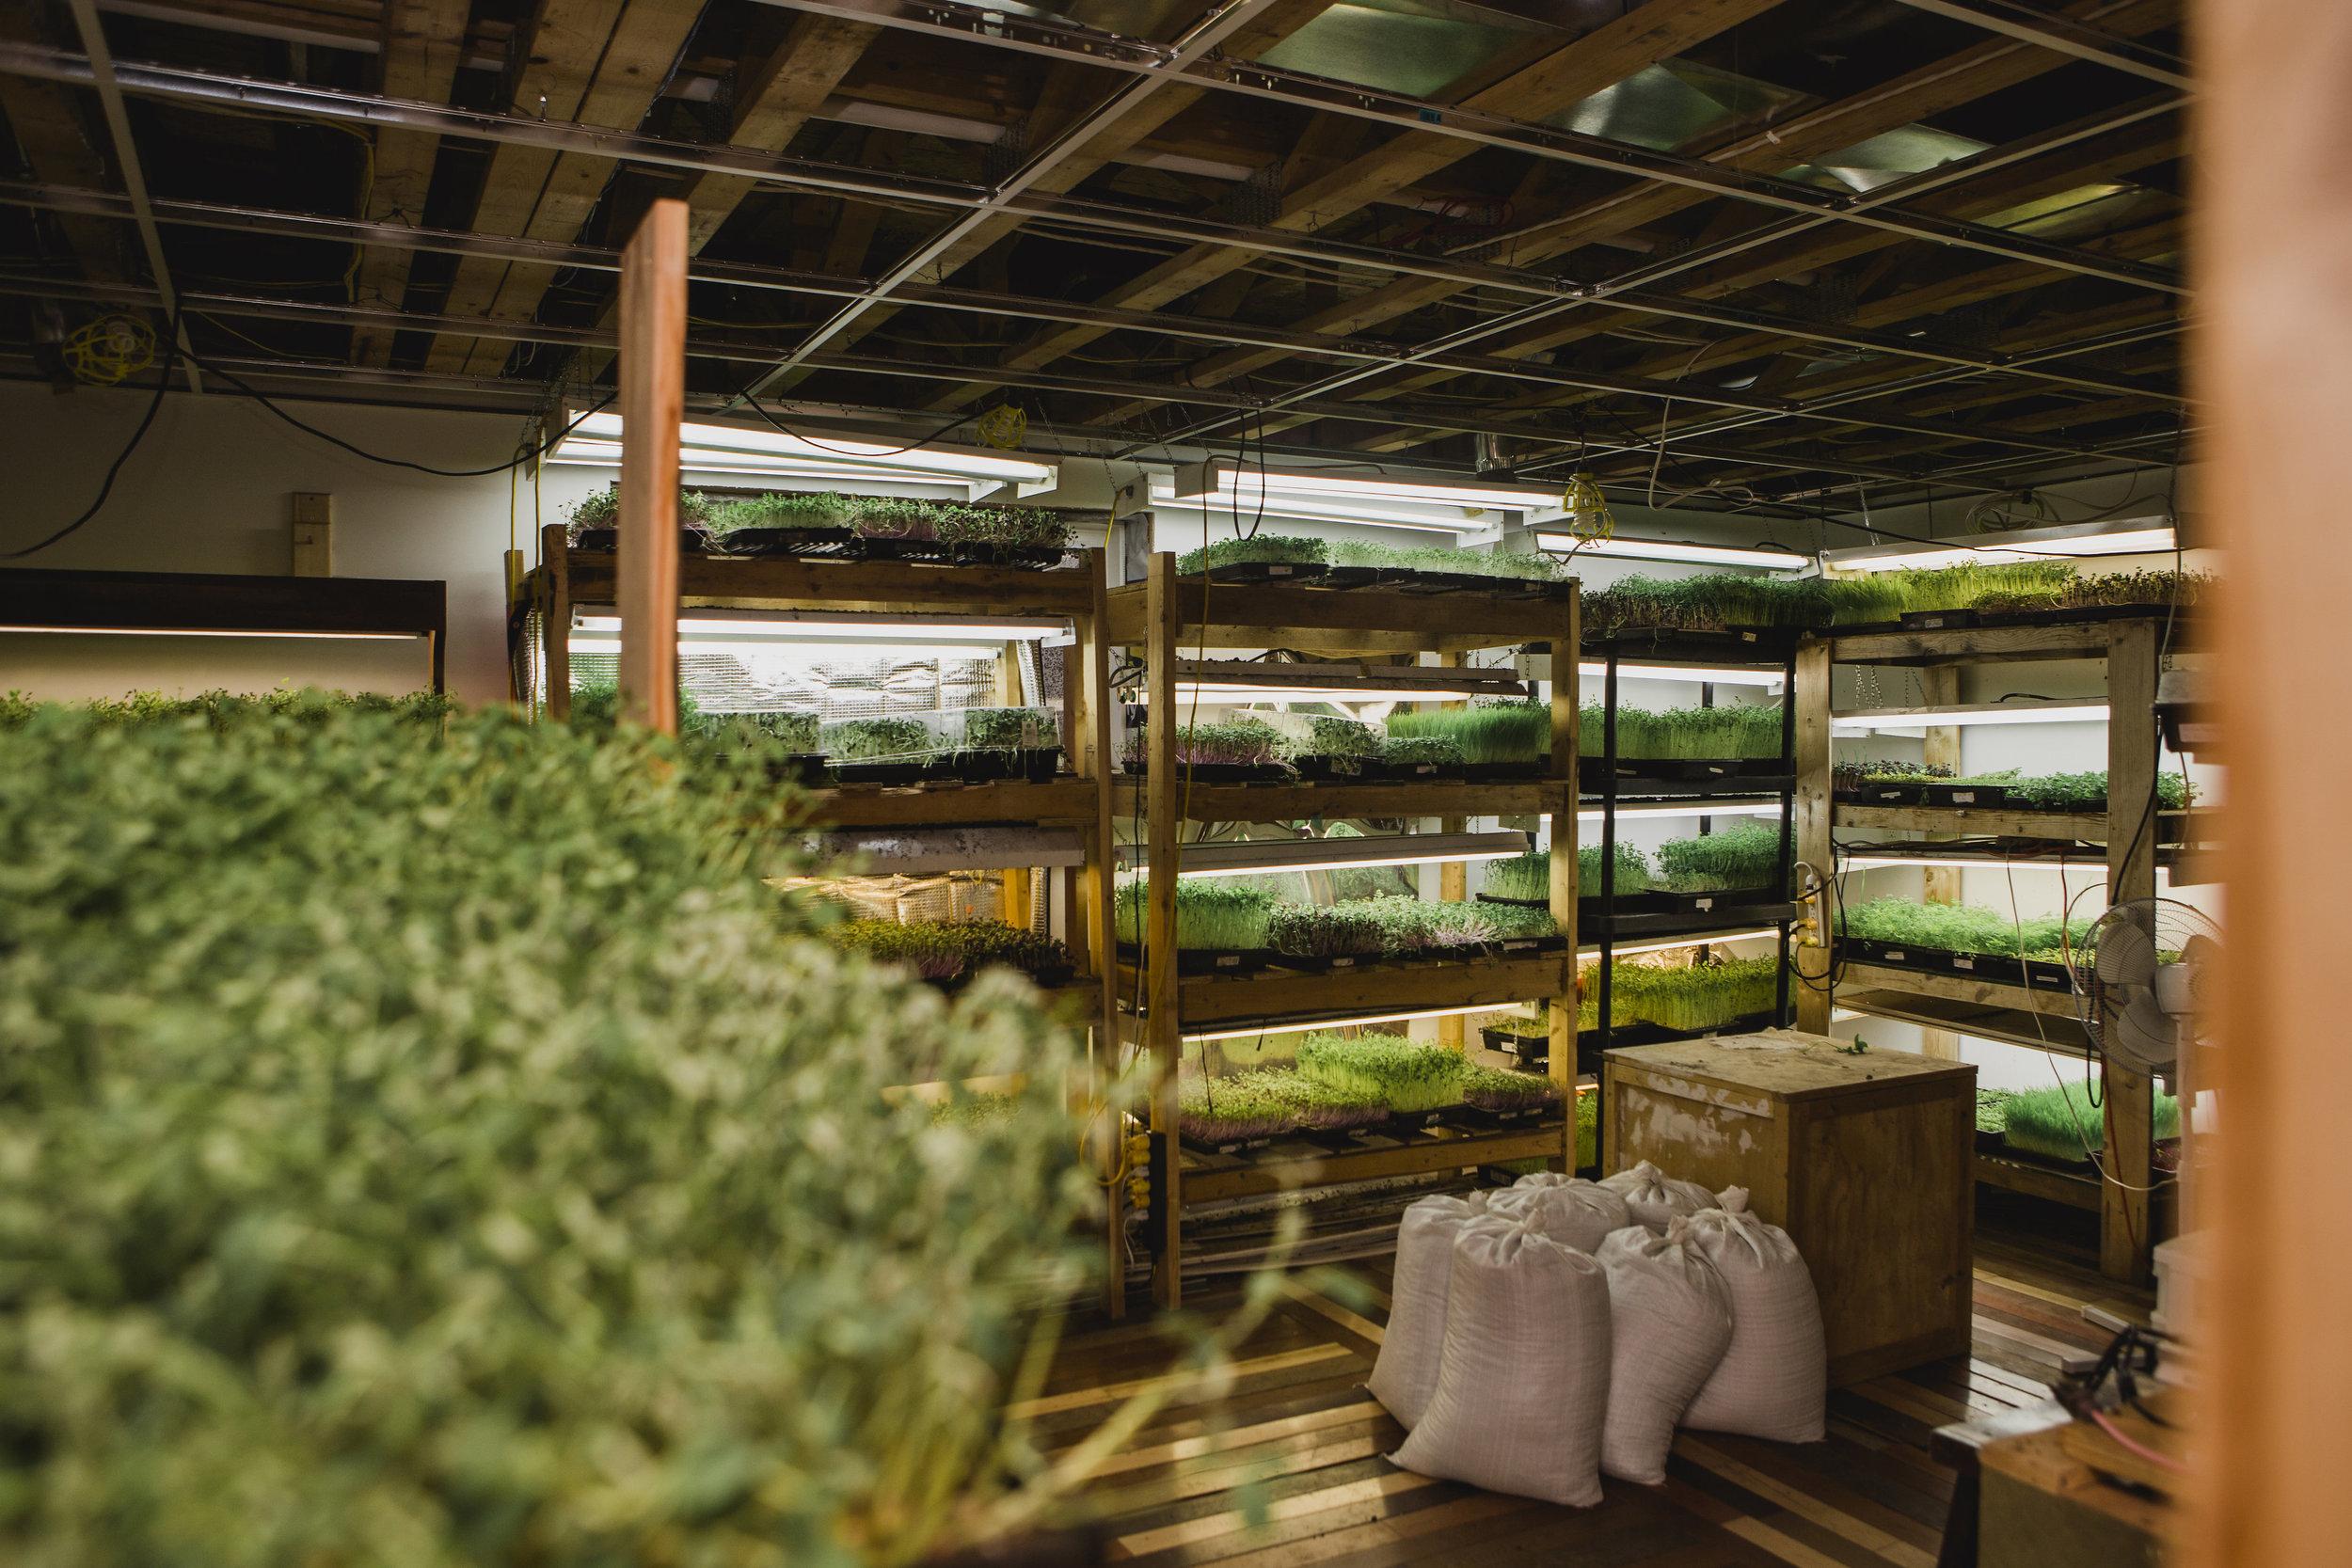 urban farming, green sister gardens, indoor grow space